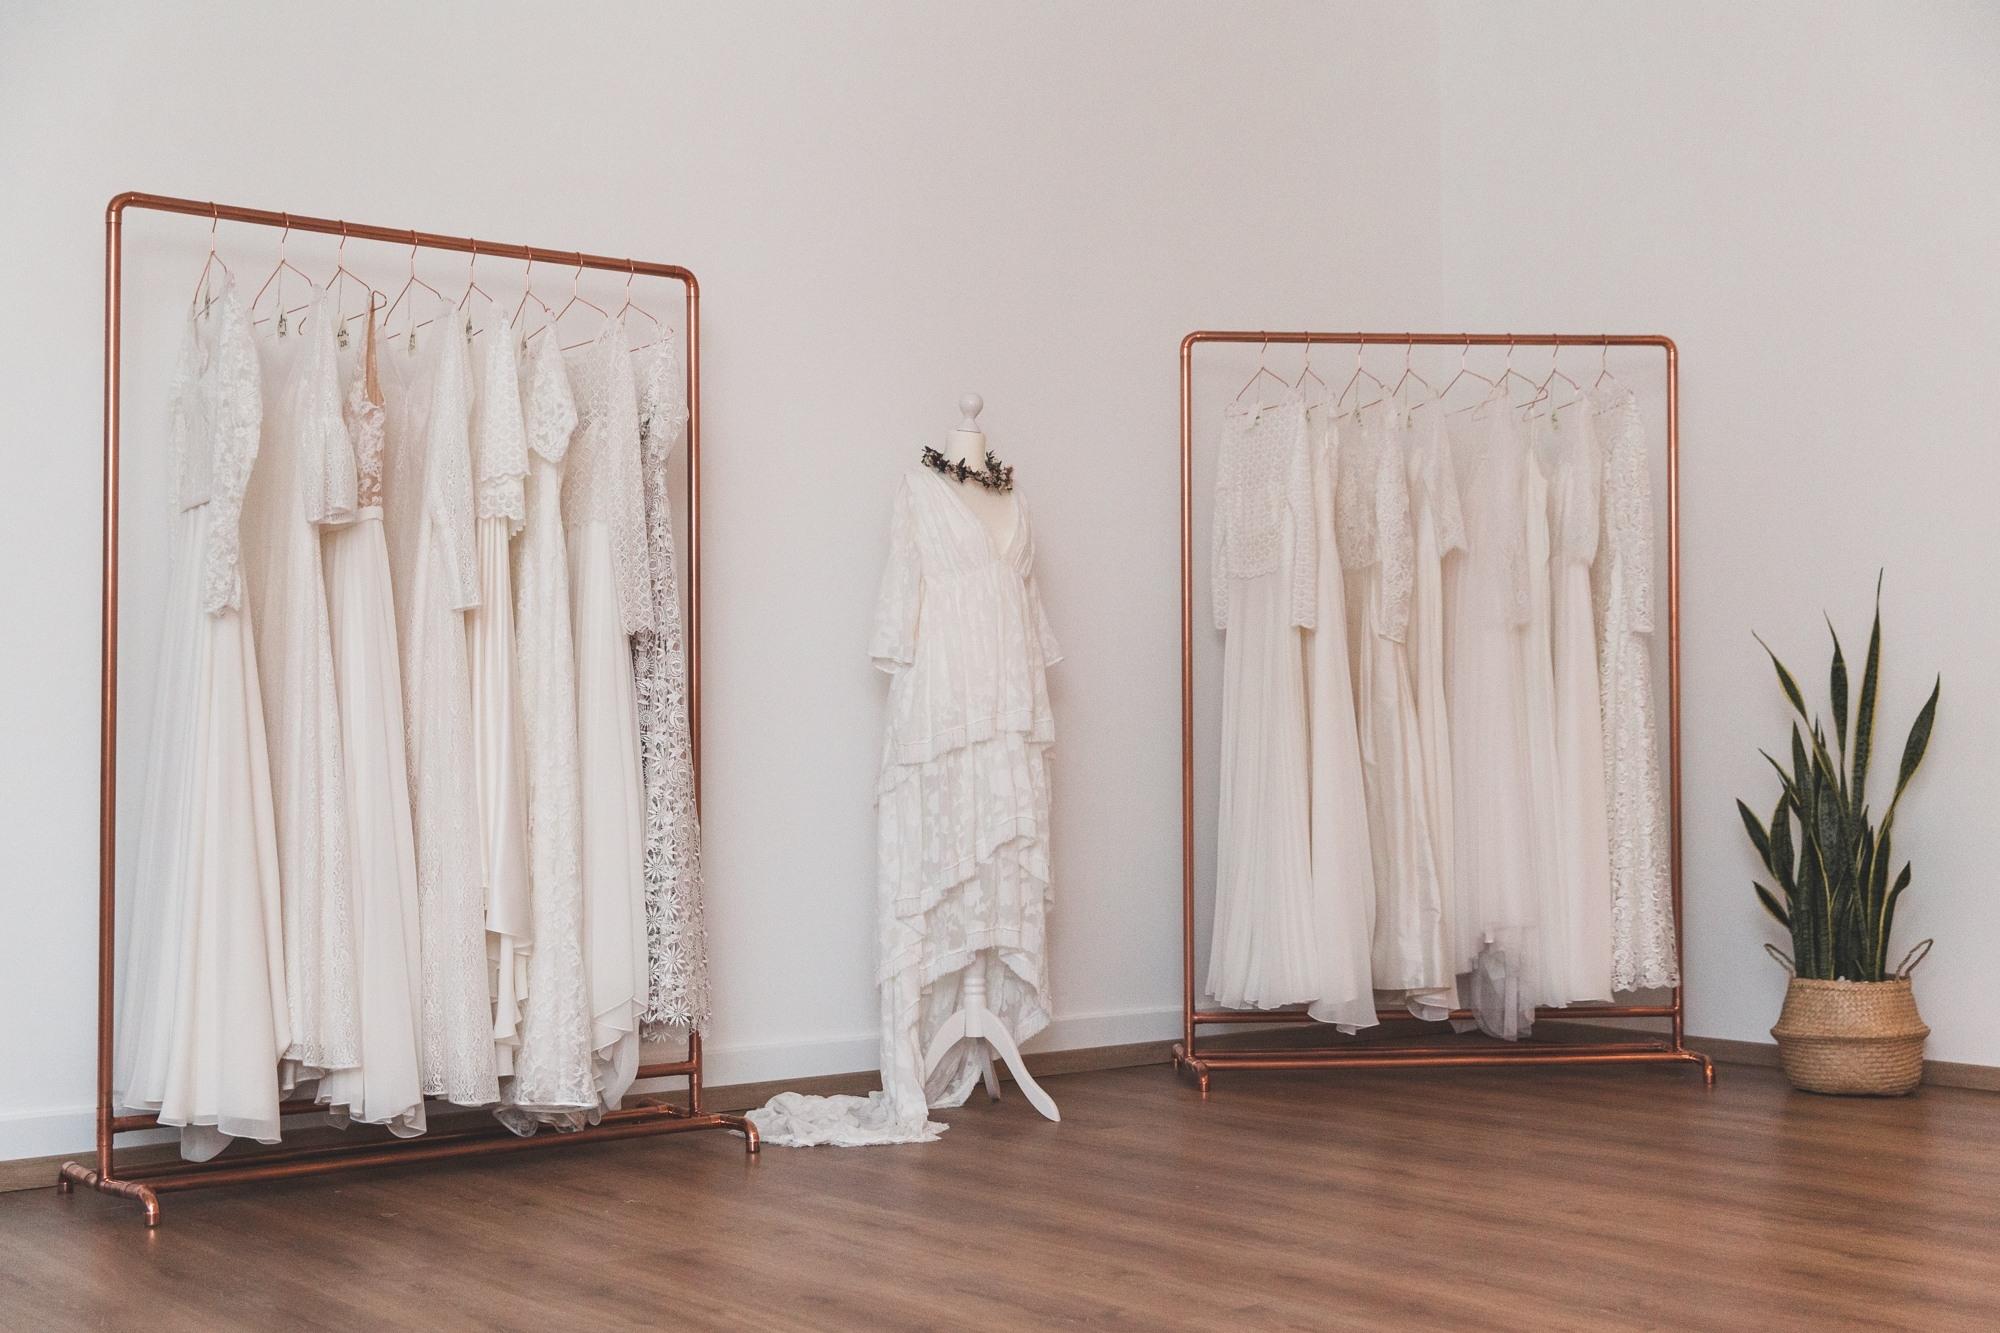 Abend Fantastisch Brautmodengeschäft Boutique20 Schön Brautmodengeschäft für 2019